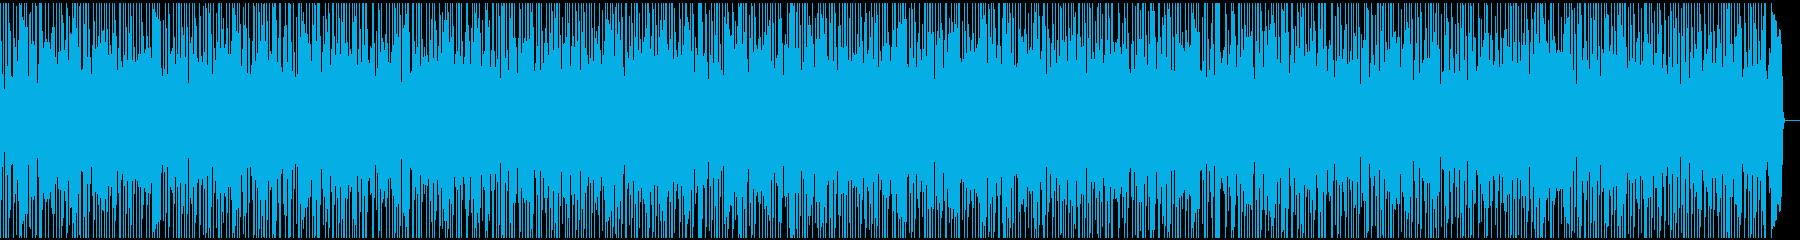 爽やかでキラキラ感のあるバラードBGMの再生済みの波形